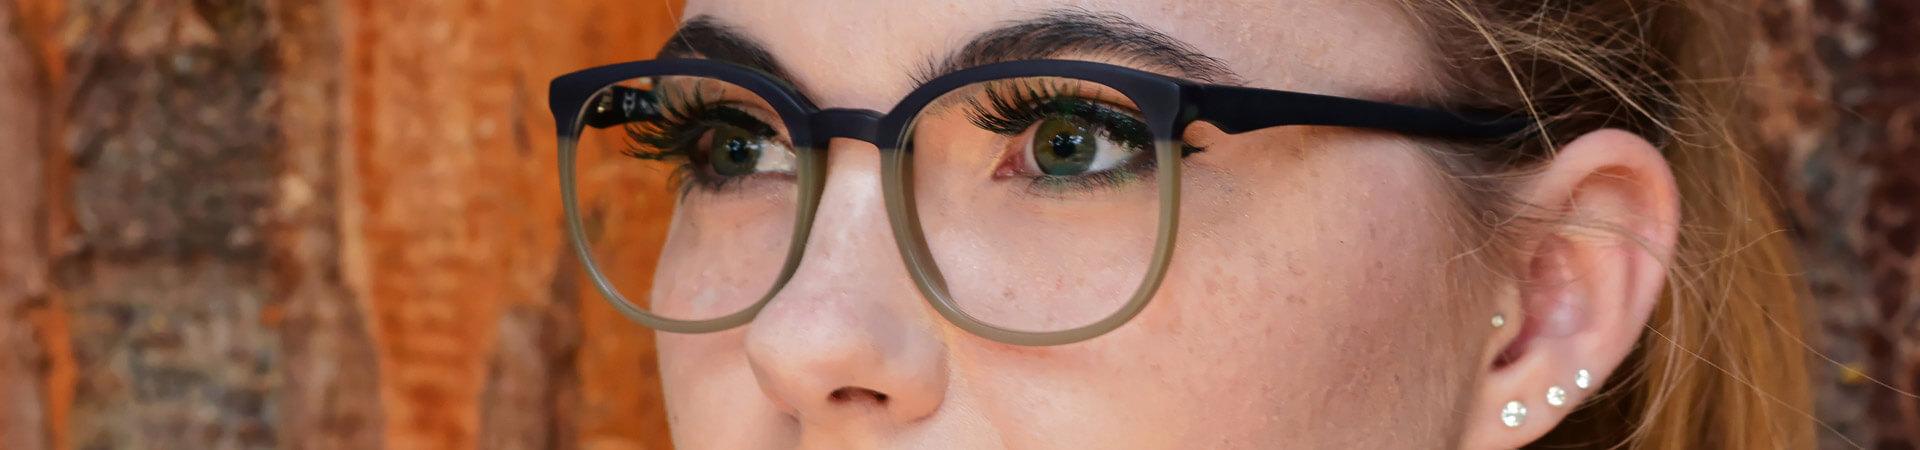 fassungswerk-headerbild-brillenfassungen-06.jpg